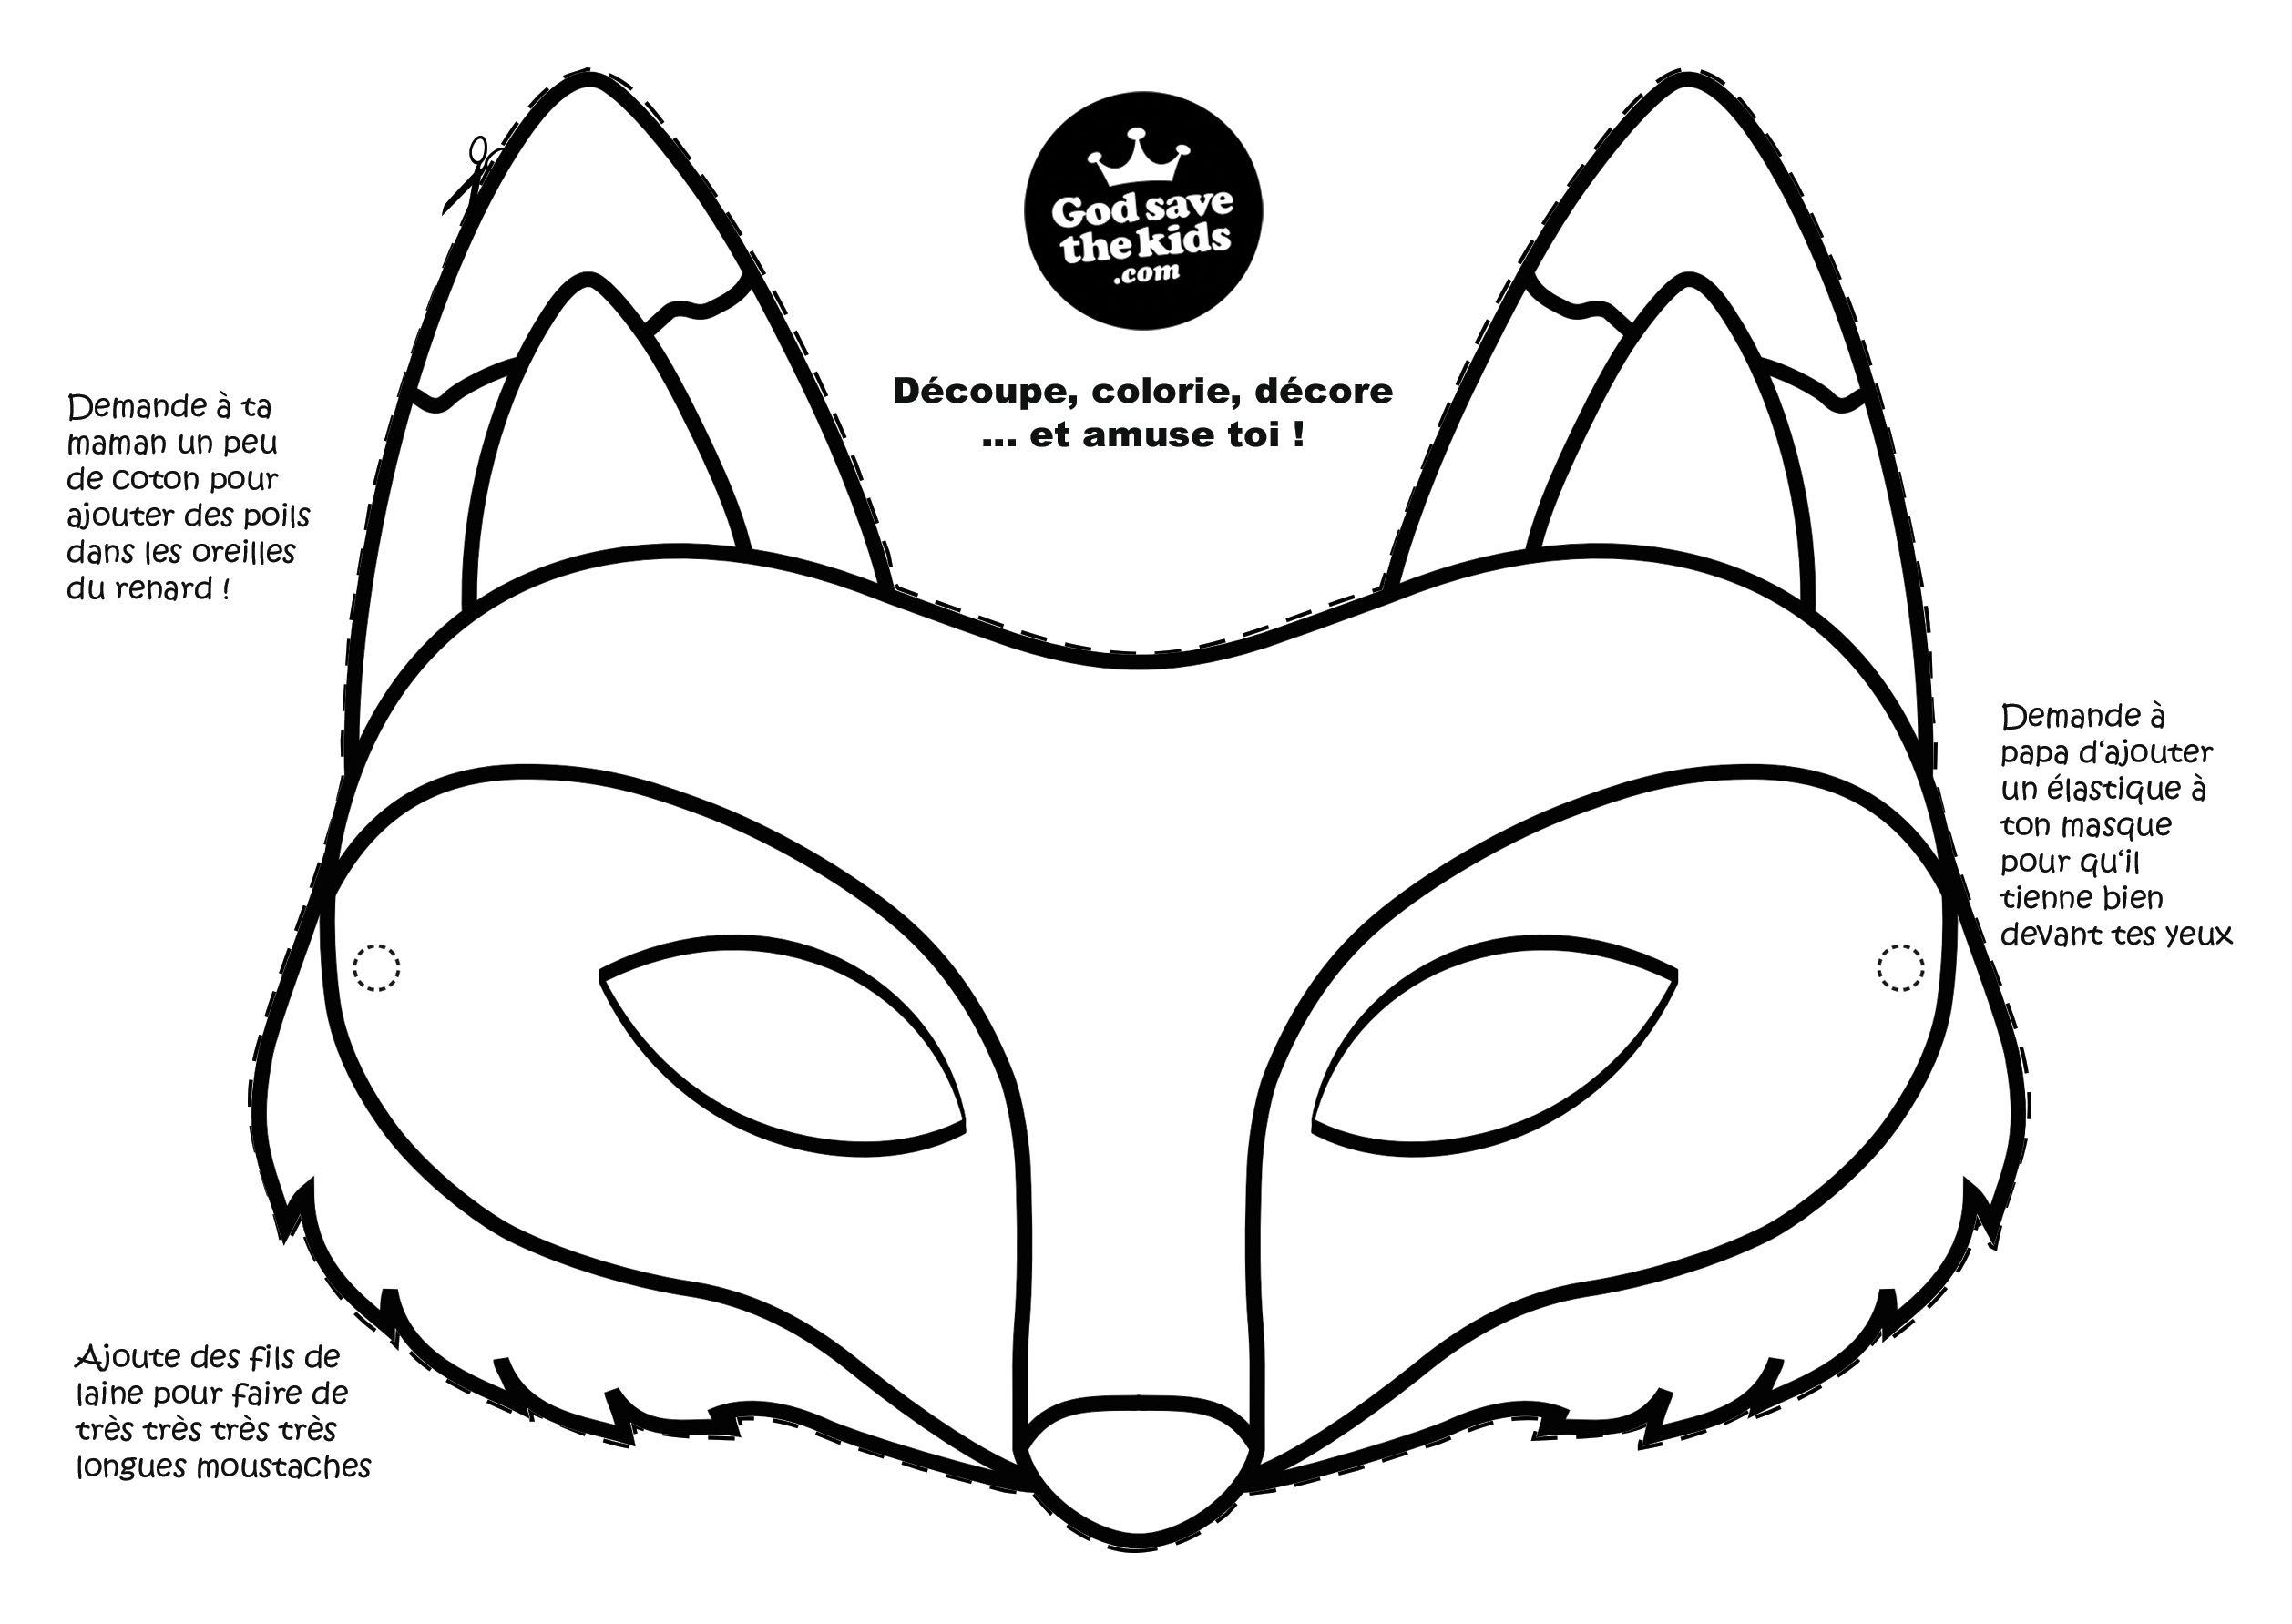 Meilleur de image renard a imprimer gratuit - Masque de renard a imprimer ...